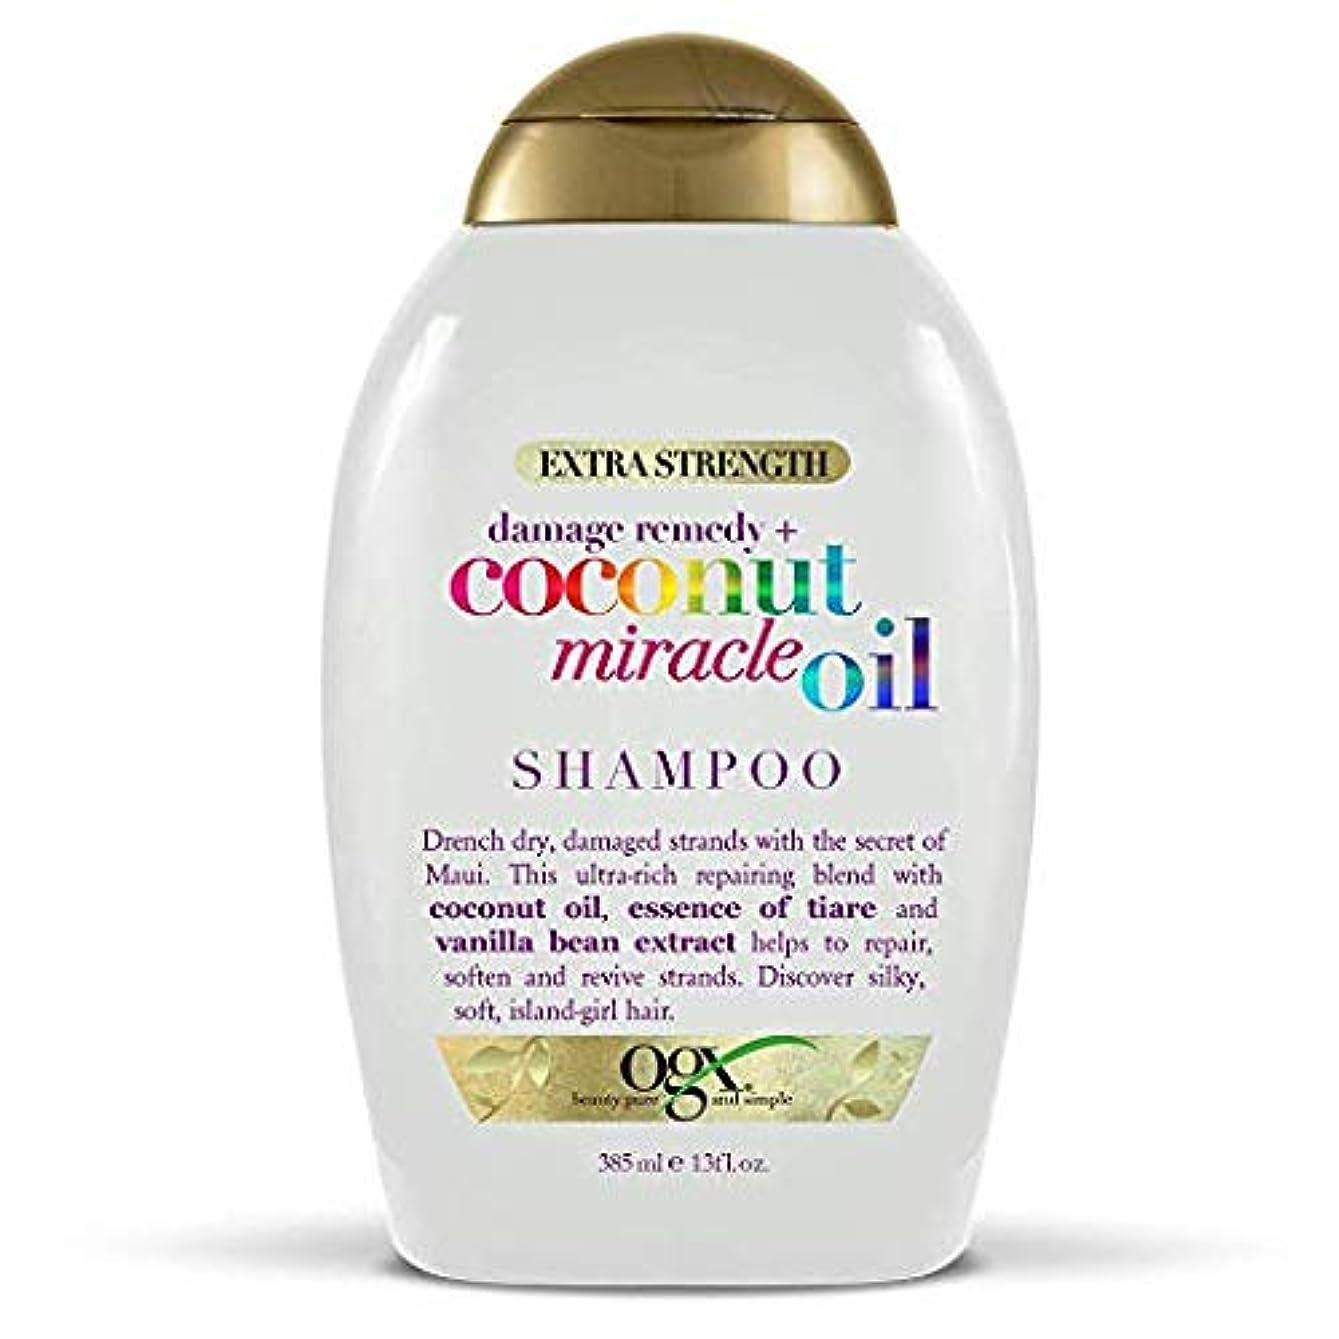 タイプガレージ仕様Ogx Shampoo Coconut Miracle Oil Extra Strength 13oz OGX ココナッツミラクルオイル エクストラストレングス シャンプー 385ml [並行輸入品]